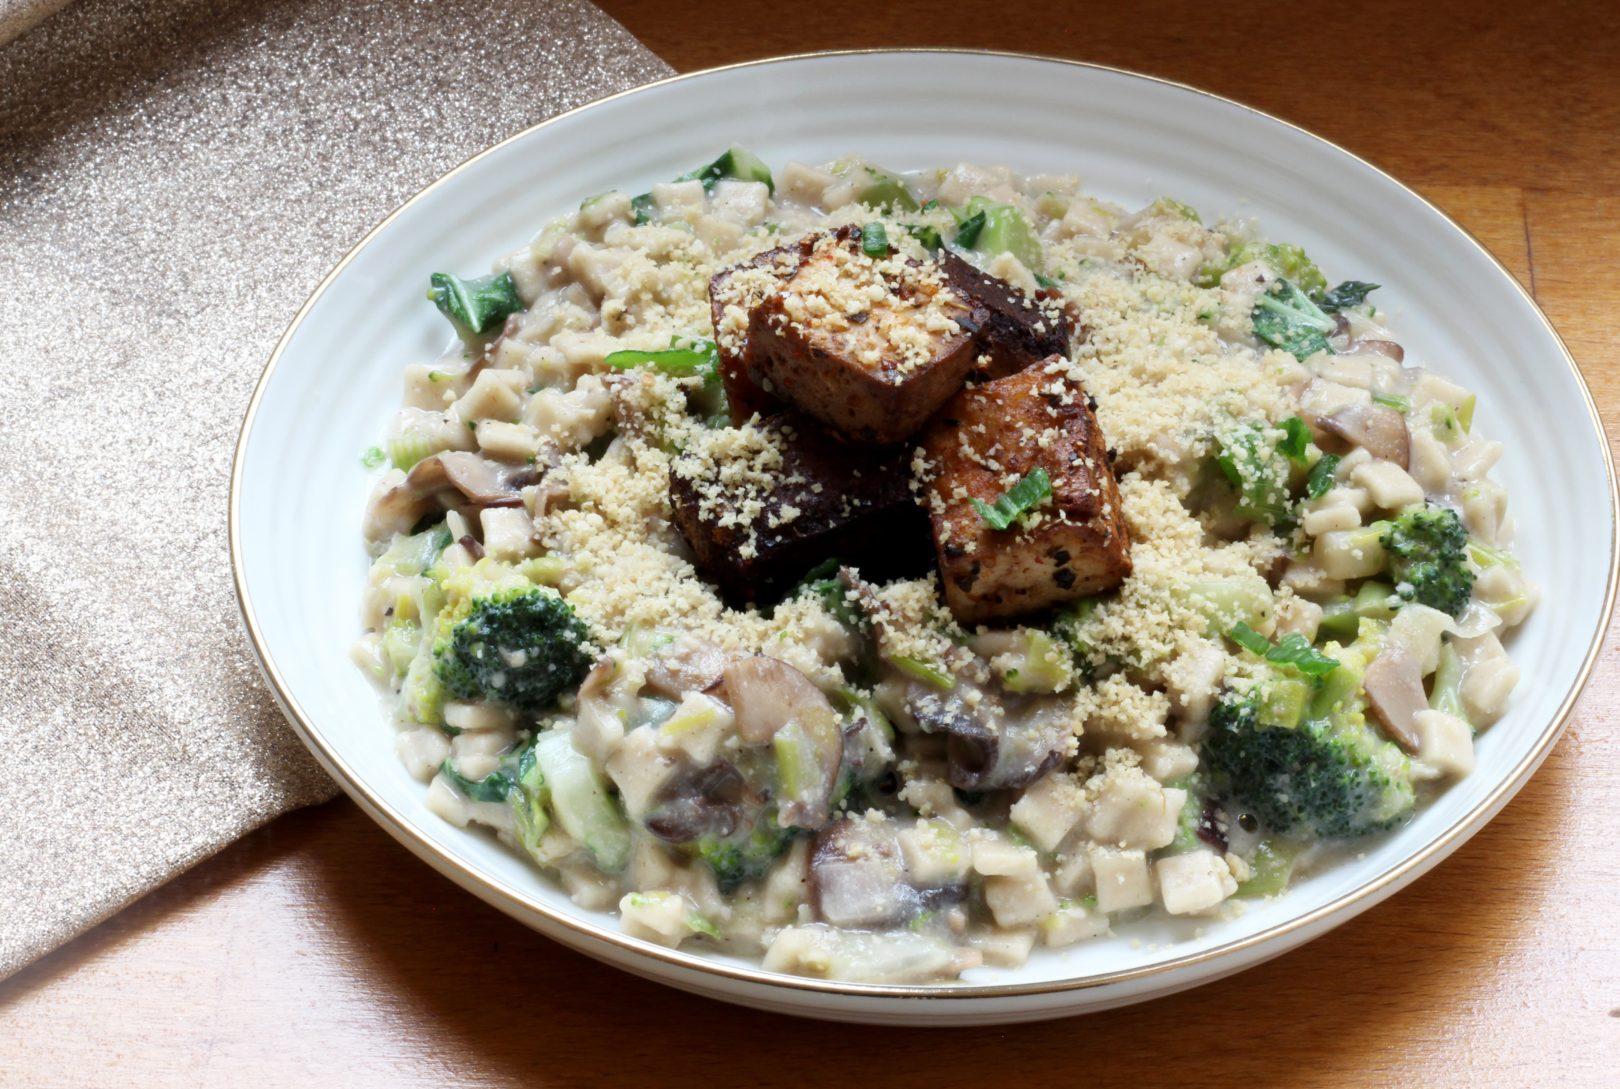 crozets-aux-champignons-légumes-verts-et-sauce-fauxmagère